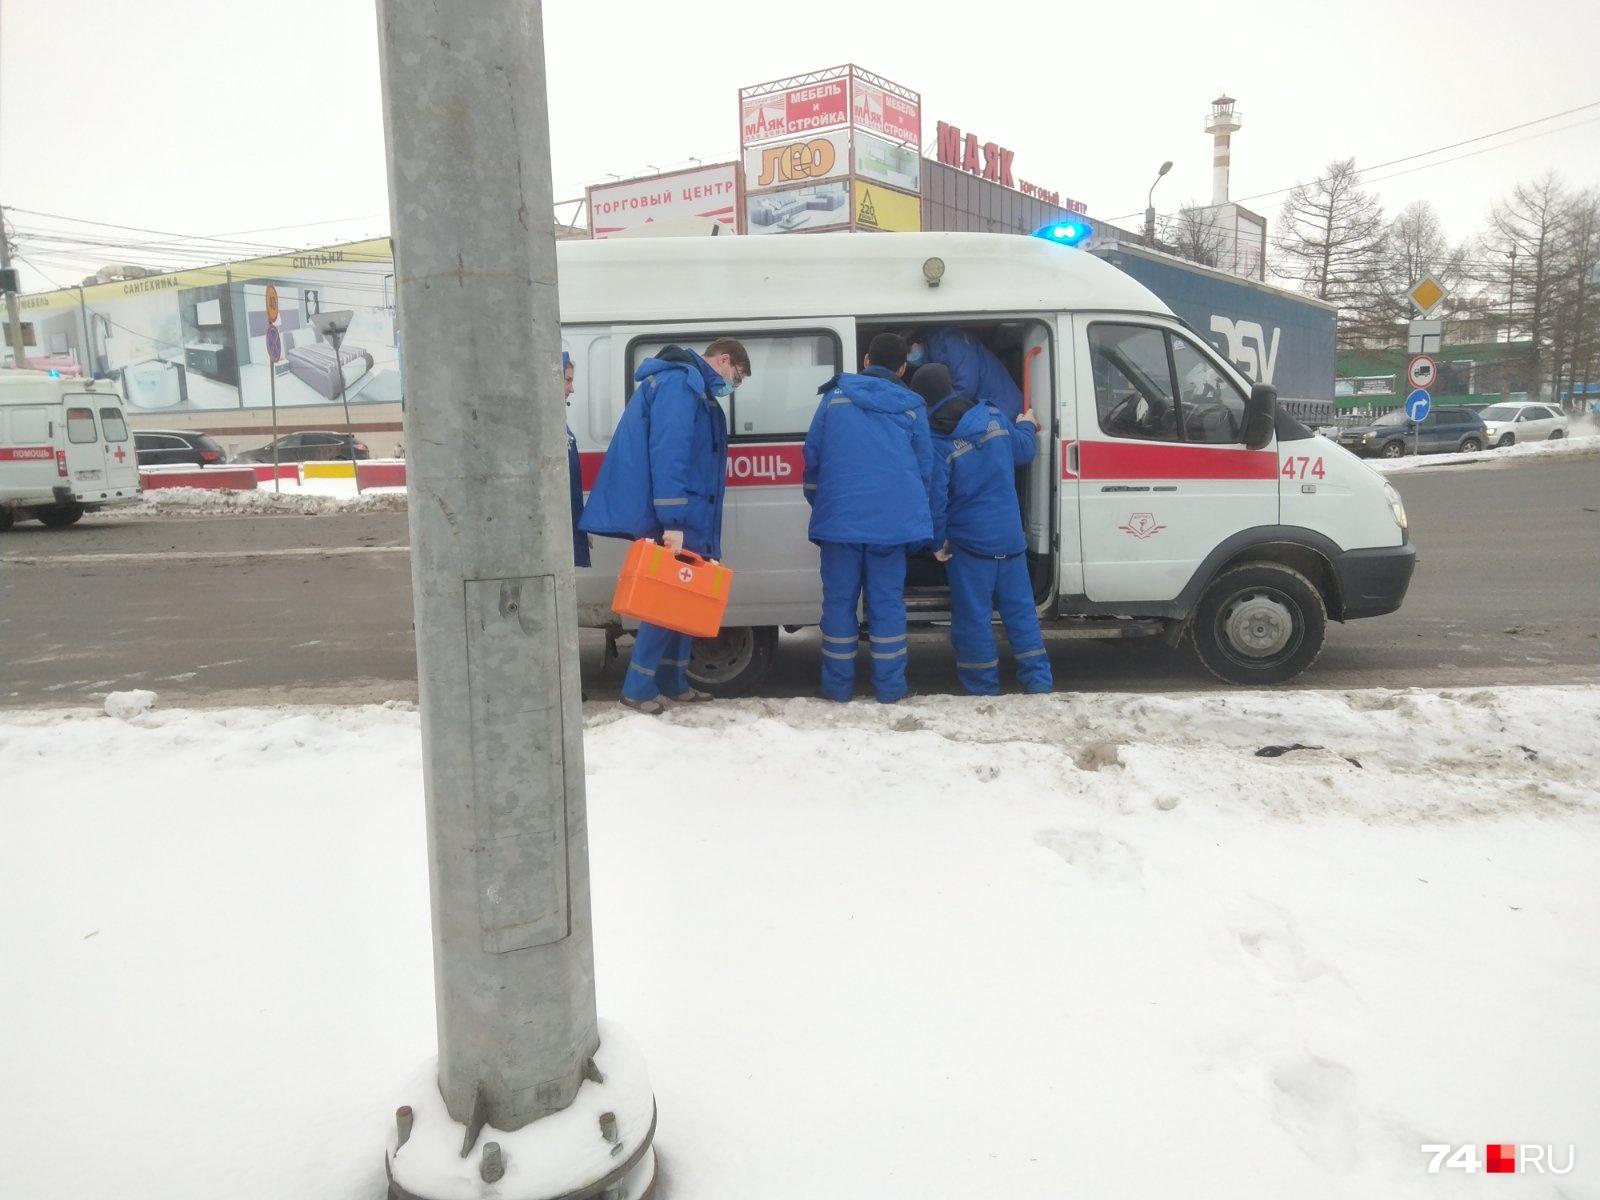 По словам очевидцев, пассажирам потребовалась помощь медиков